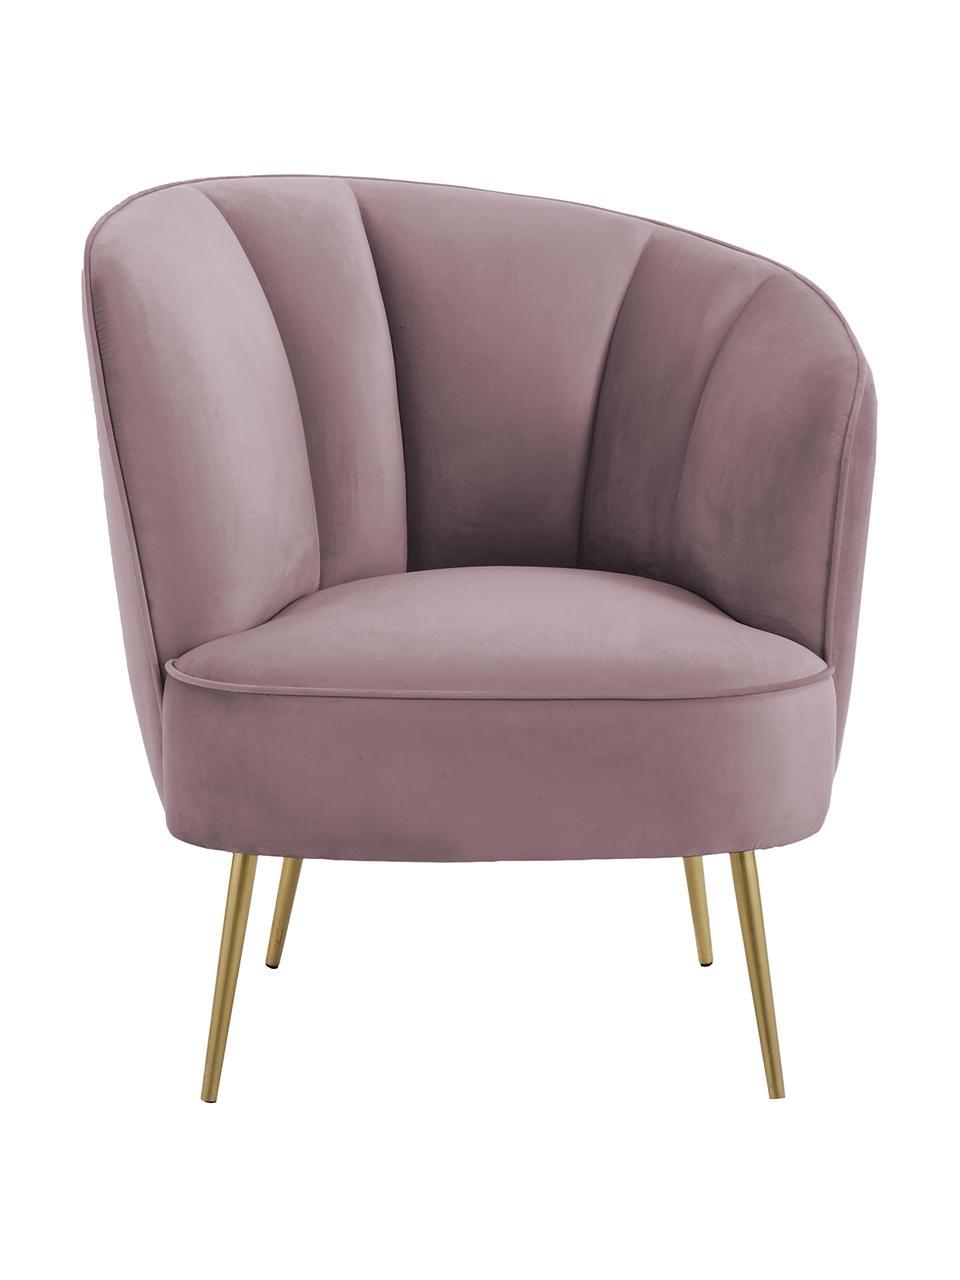 Fluwelen fauteuil Louise in mauve, Bekleding: fluweel (polyester), Poten: gecoat metaal, Fluweel mauve, B 76 x D 75 cm